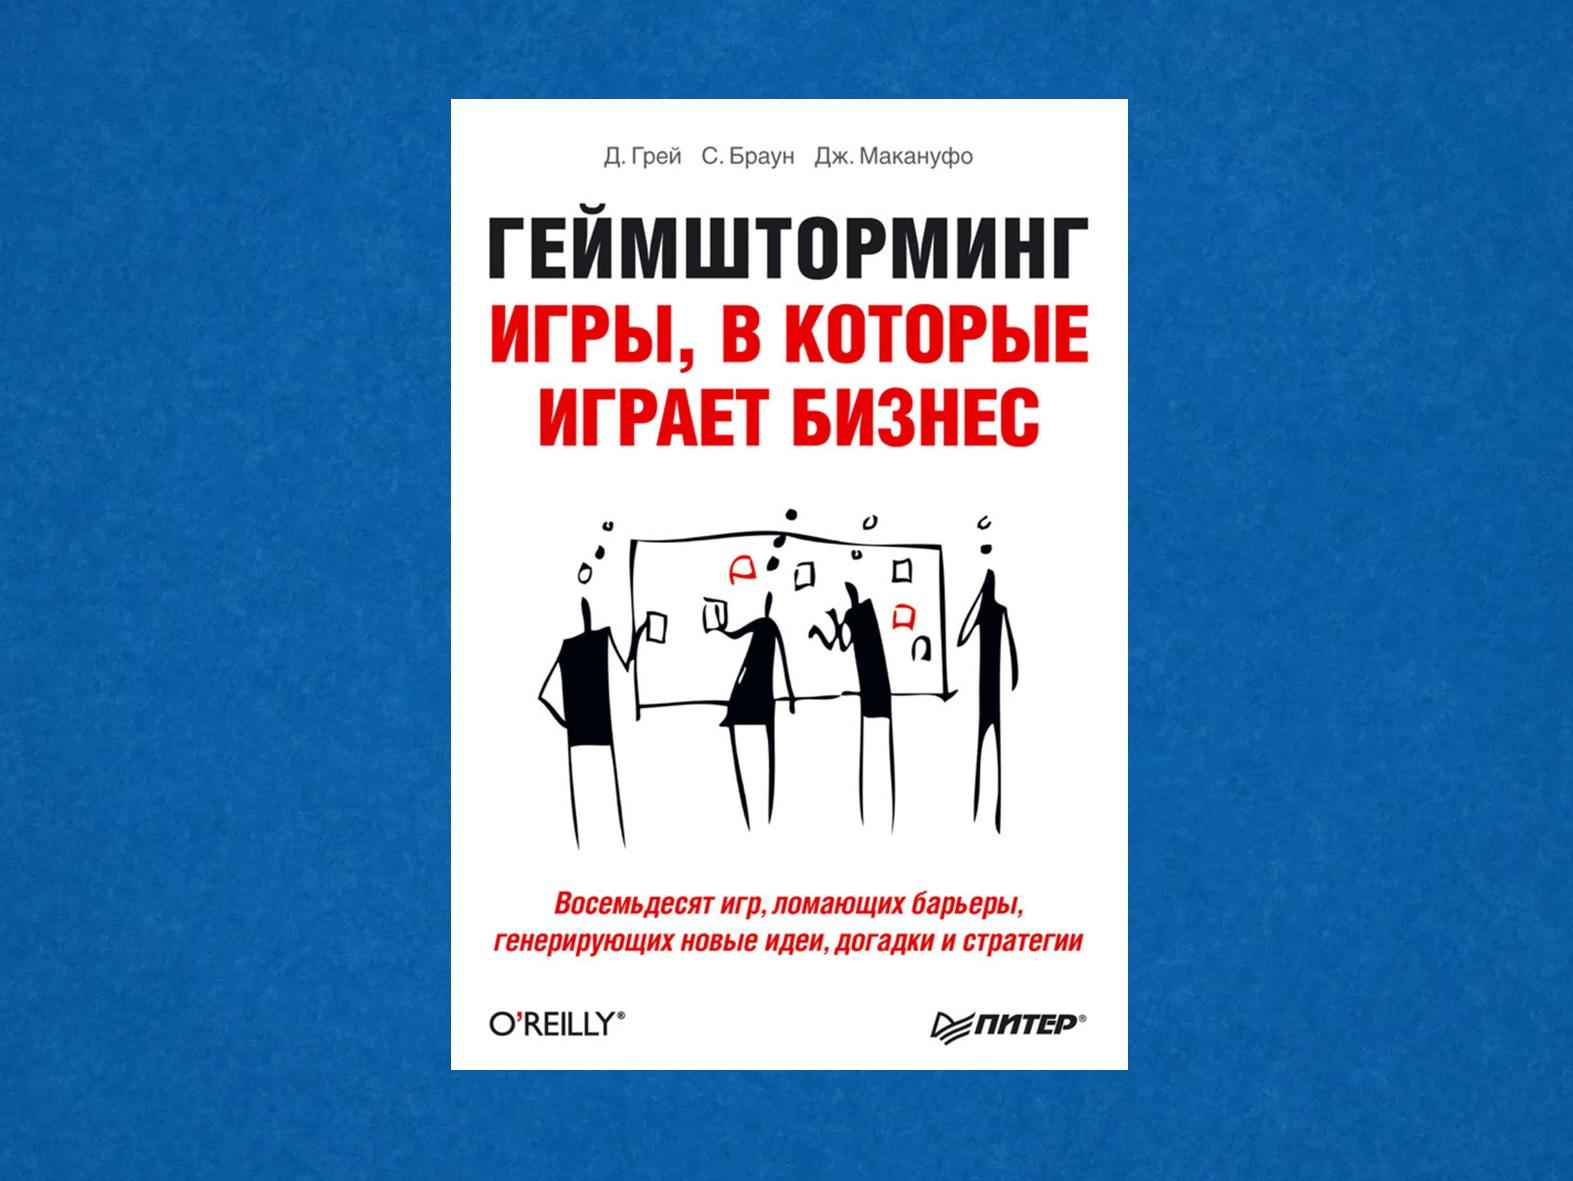 «Геймшторминг. Игры, в которые играет бизнес». Д. Грей, С. Браун, , Дж. Макануфо  Подназвание книги: «Восемьдесят игр, ломающих барьеры, генерирующих новые идеи, догадки и стратегии».